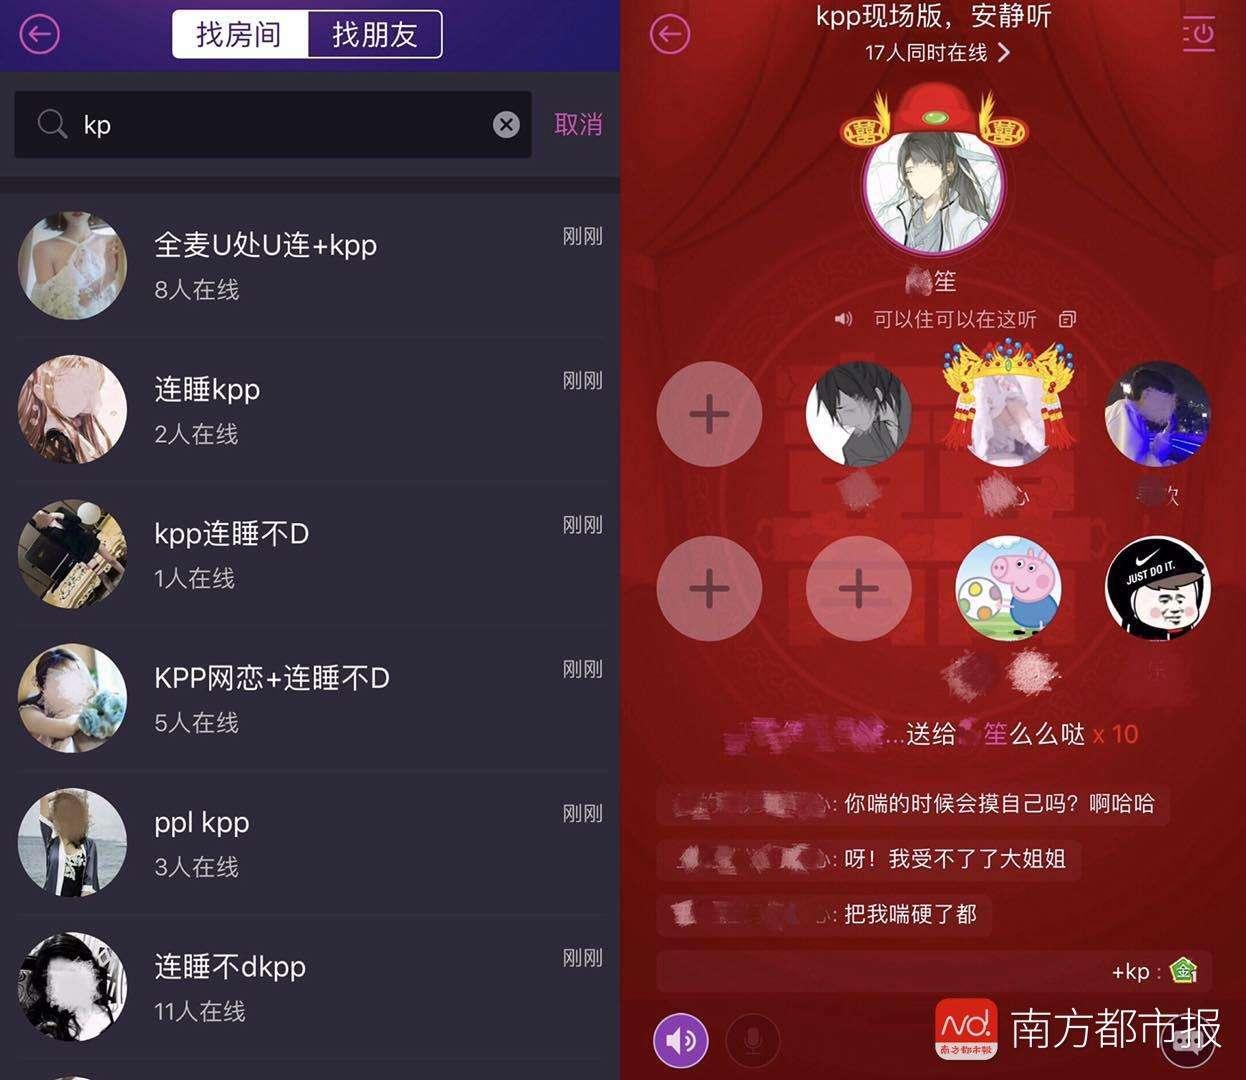 大发888娱乐城省网信办会同多部门查处五家语音直播平台